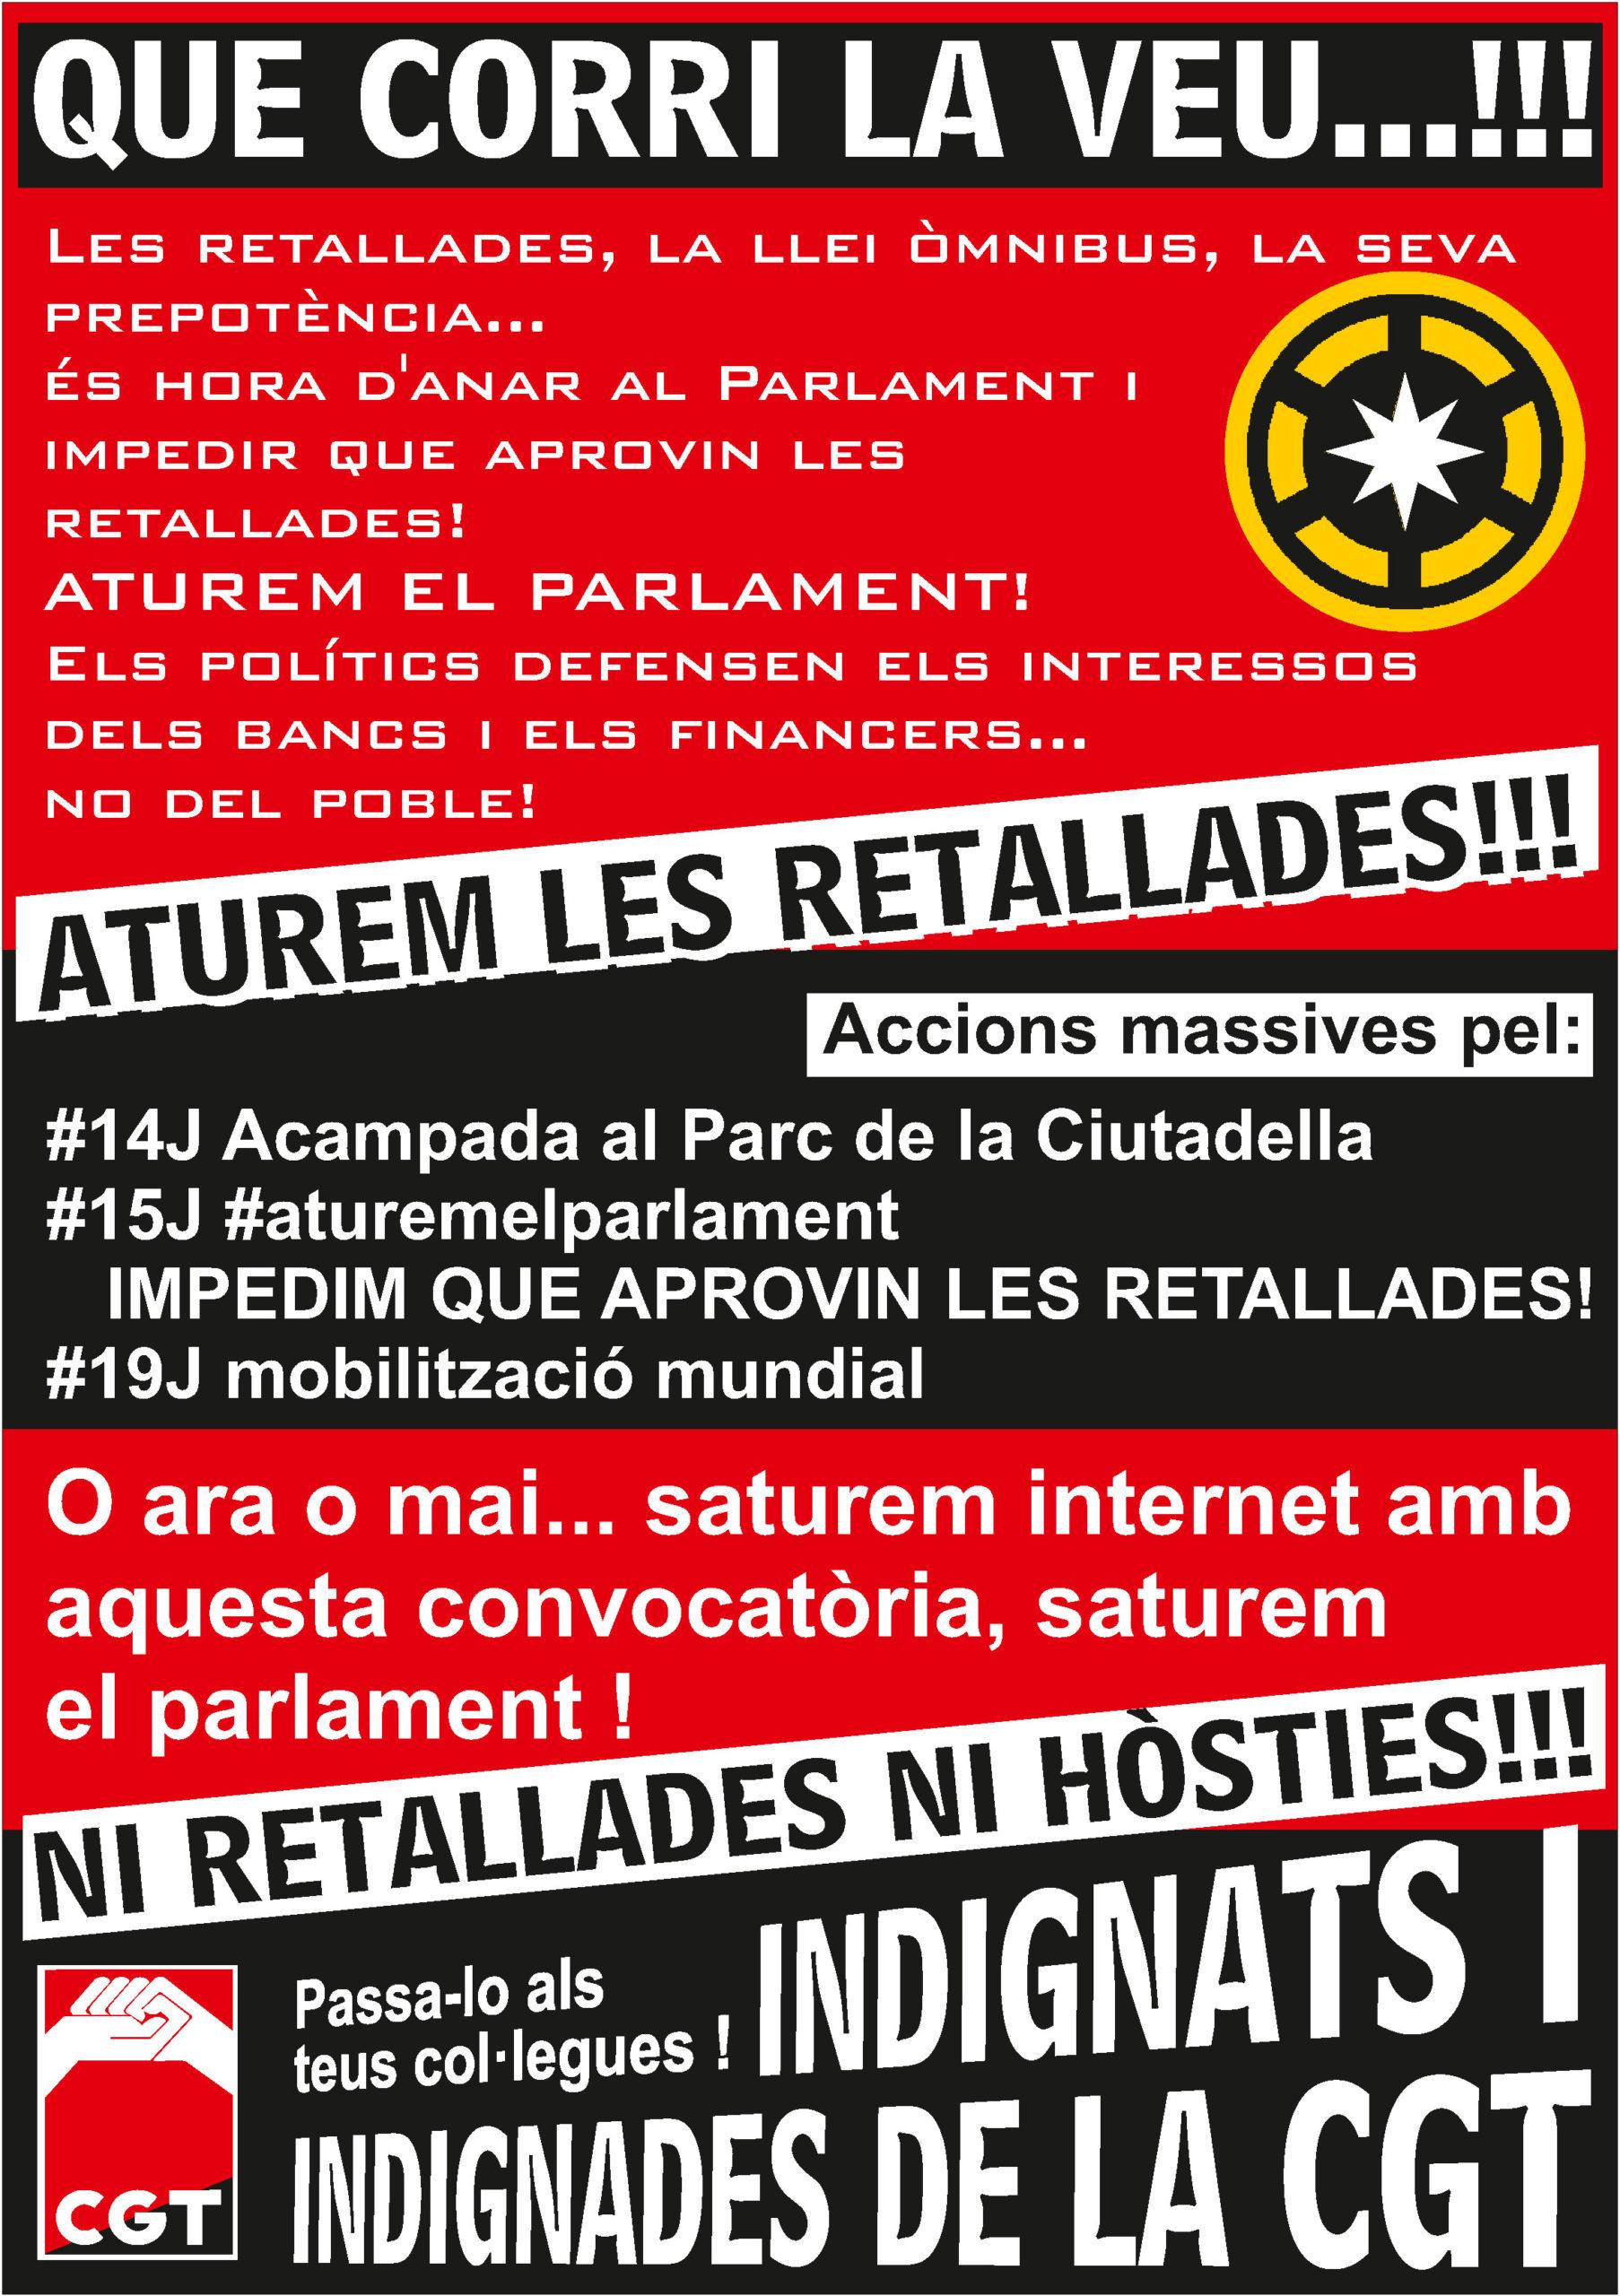 cartell_indignats_cgt